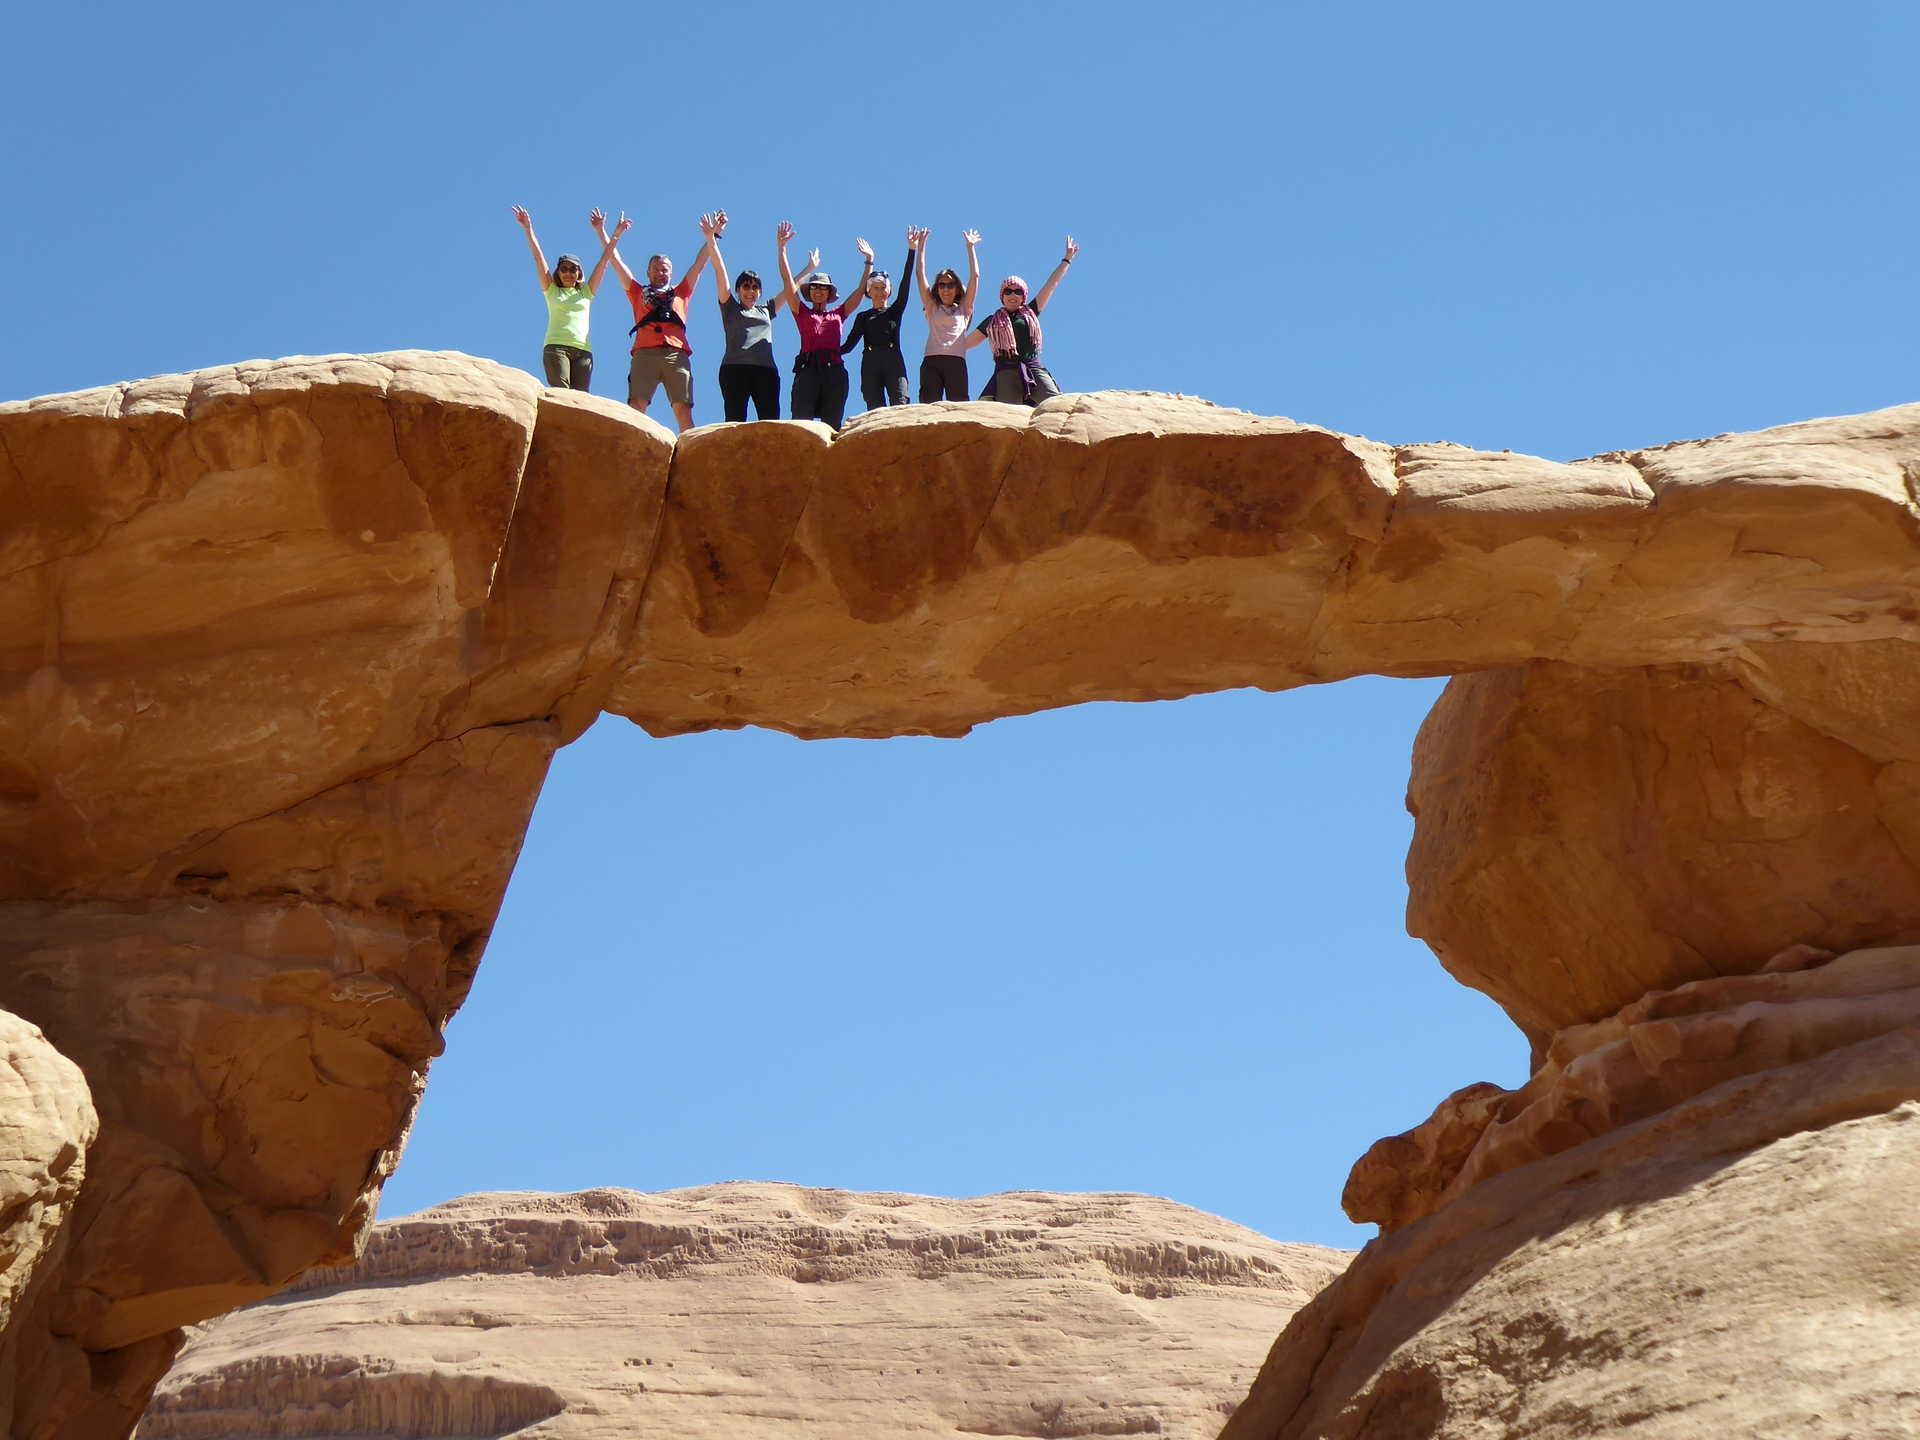 Randonnée et exploration dans le désert de Wadi Rum